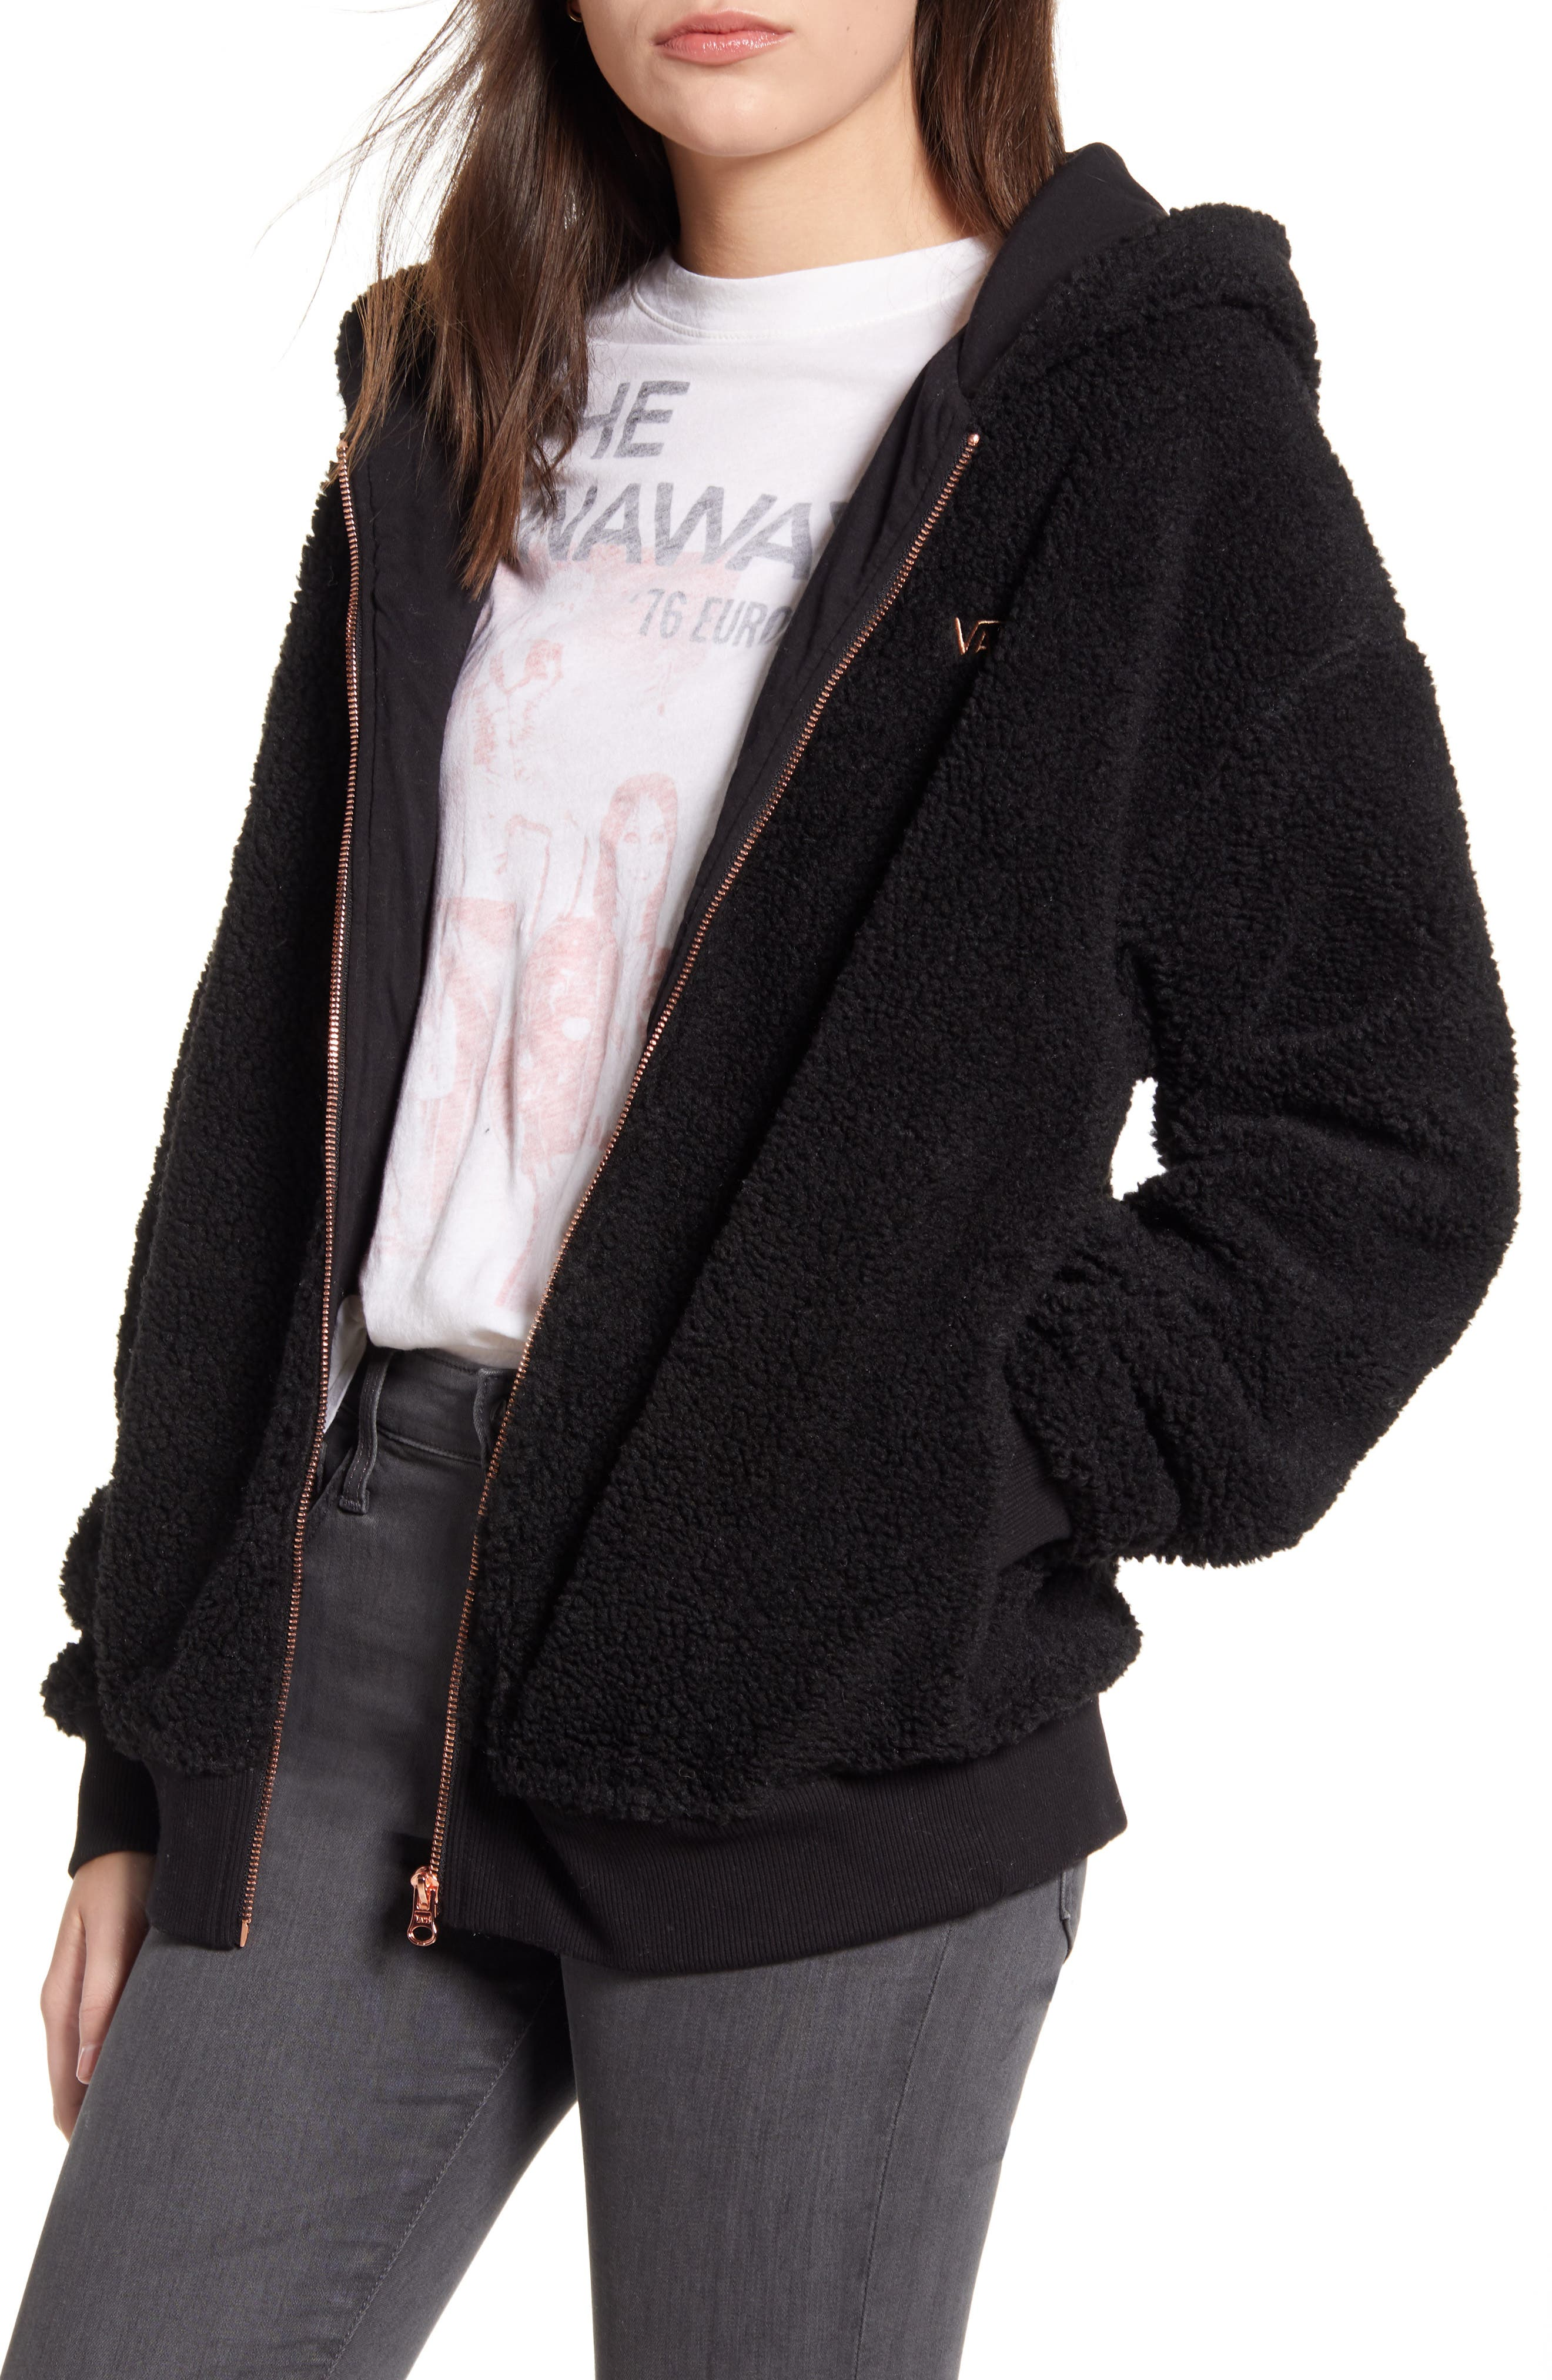 Women's Vans Sweatshirts & Hoodies | Nordstrom